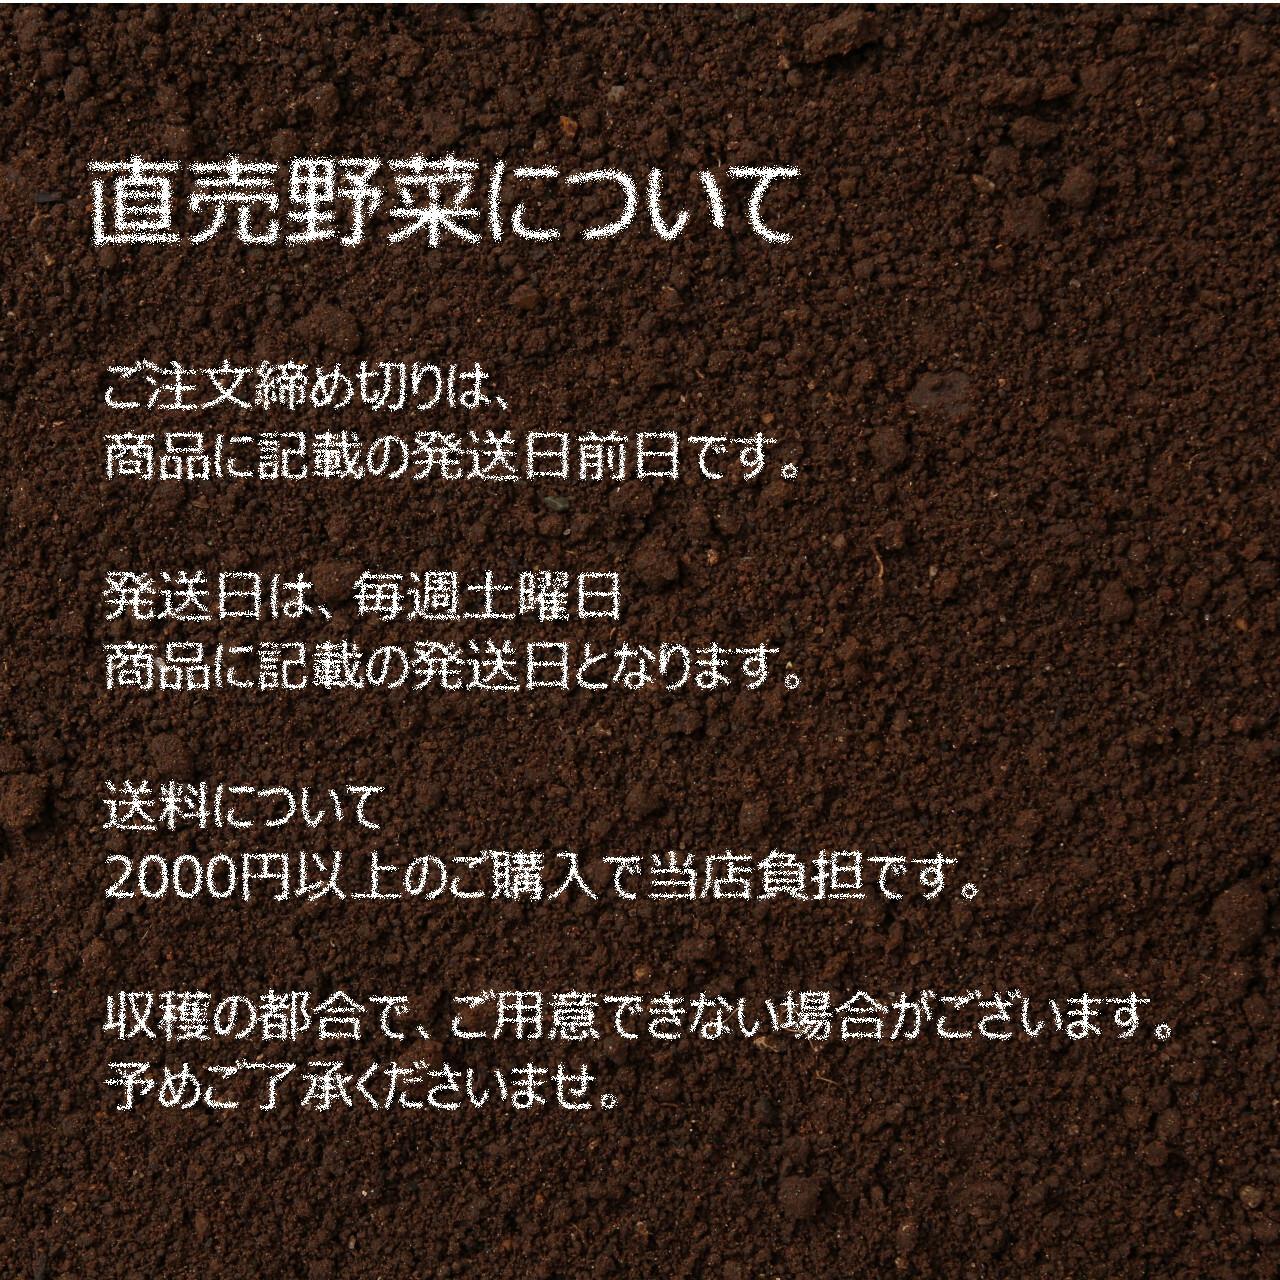 5月の朝採り直売野菜 ネギ 3~4本 春の新鮮野菜 5月2日発送予定